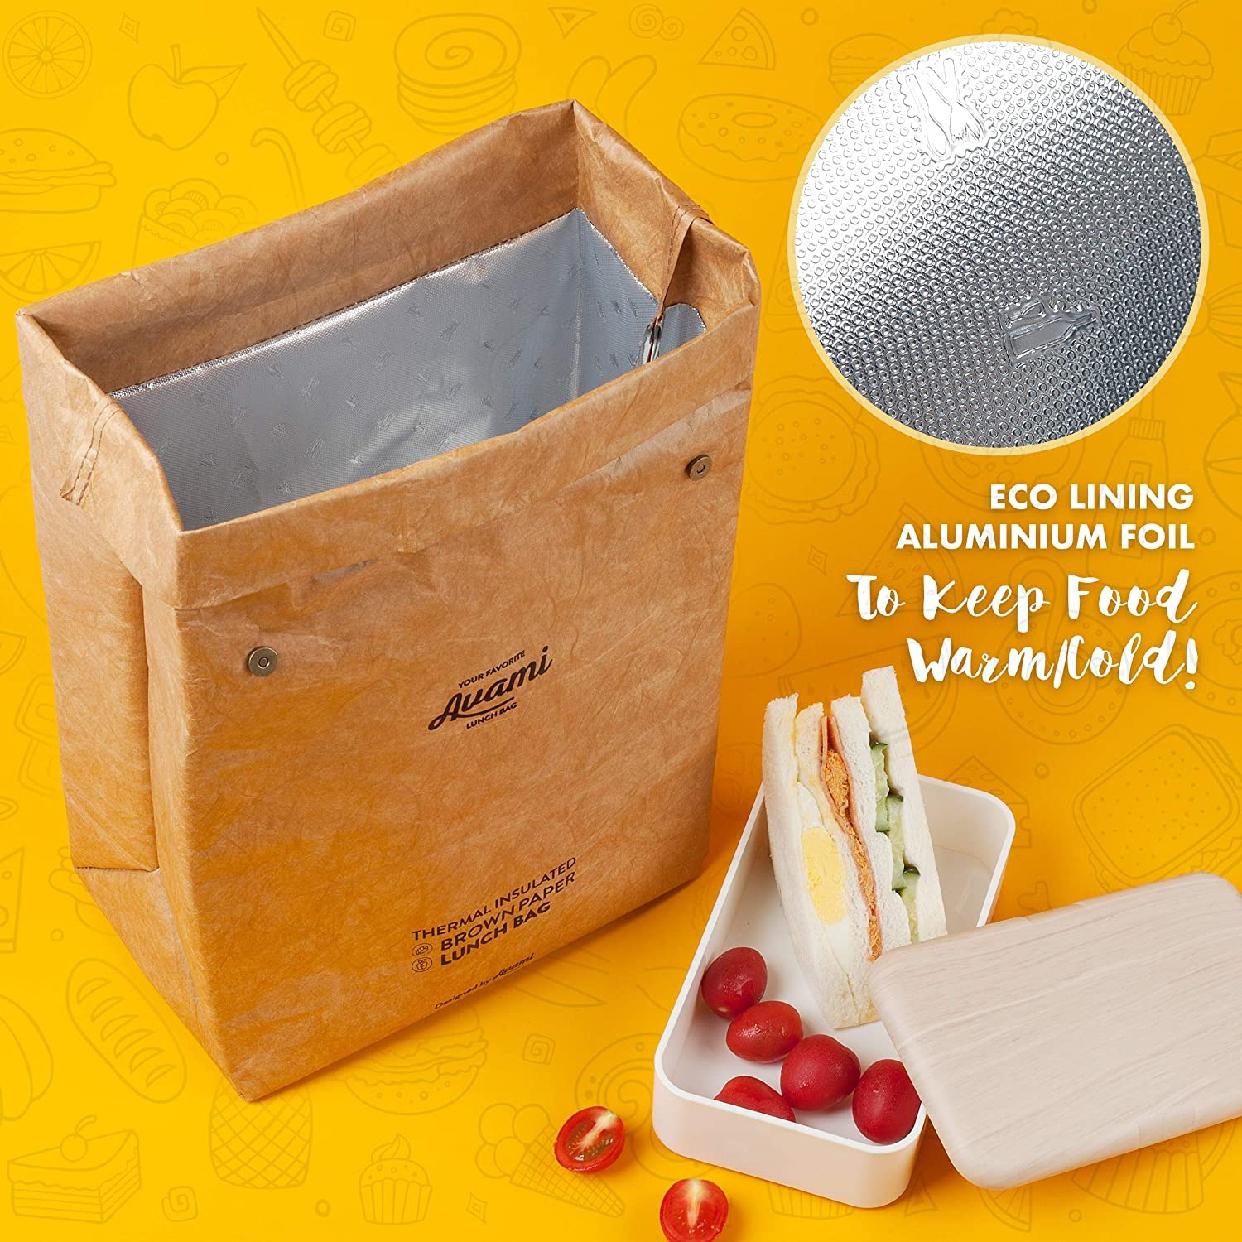 AVAMI(アヴァミ)ブラウンペーパーランチバッグの商品画像5